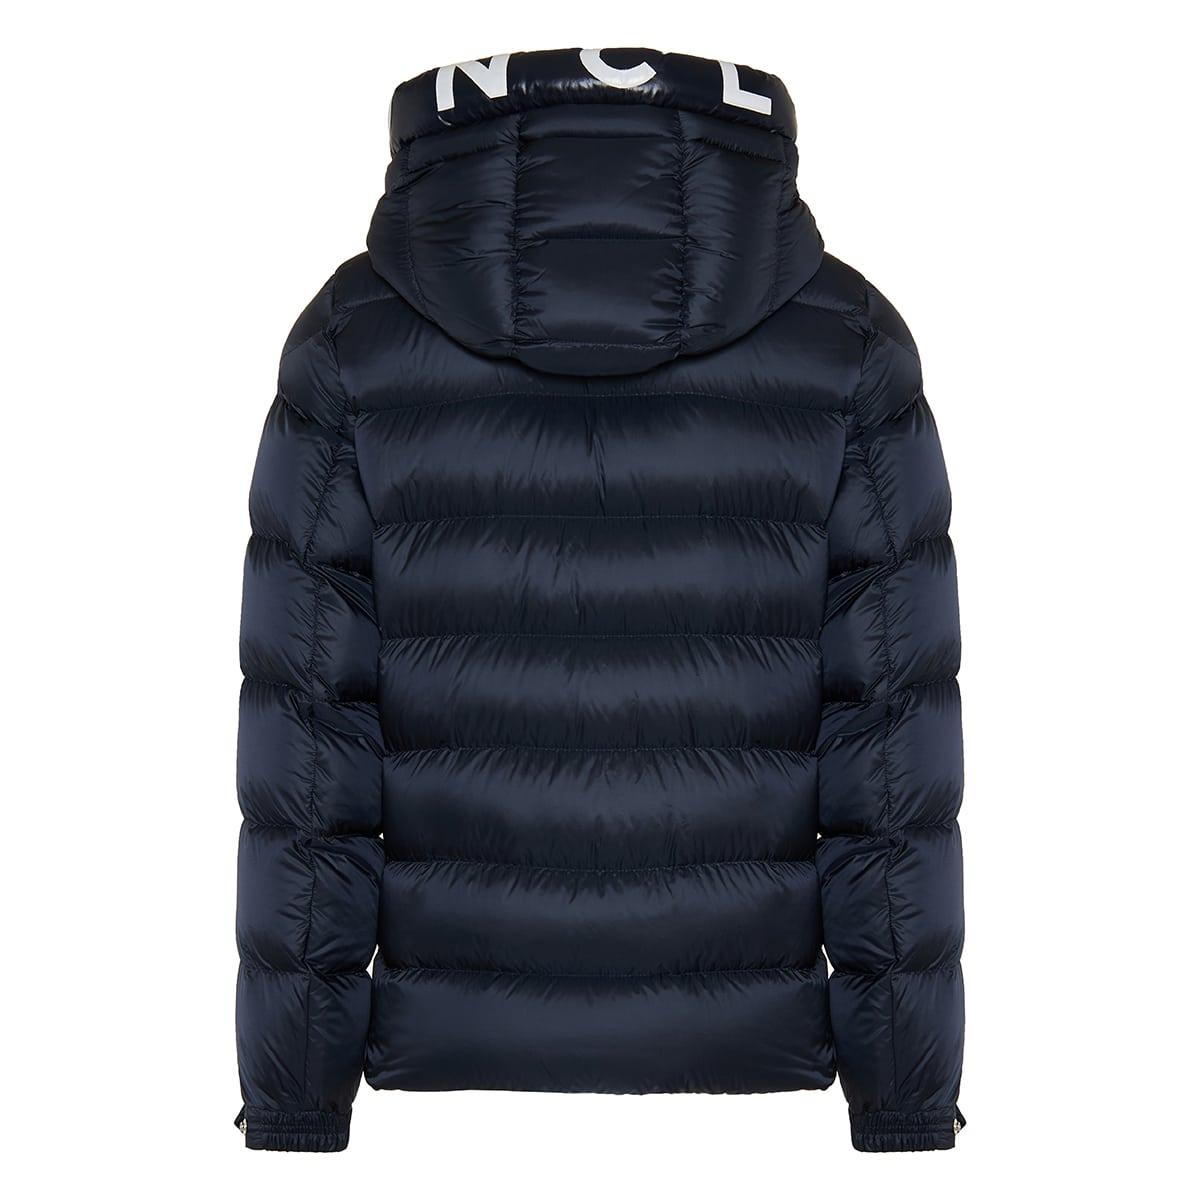 Salzman down puffer jacket